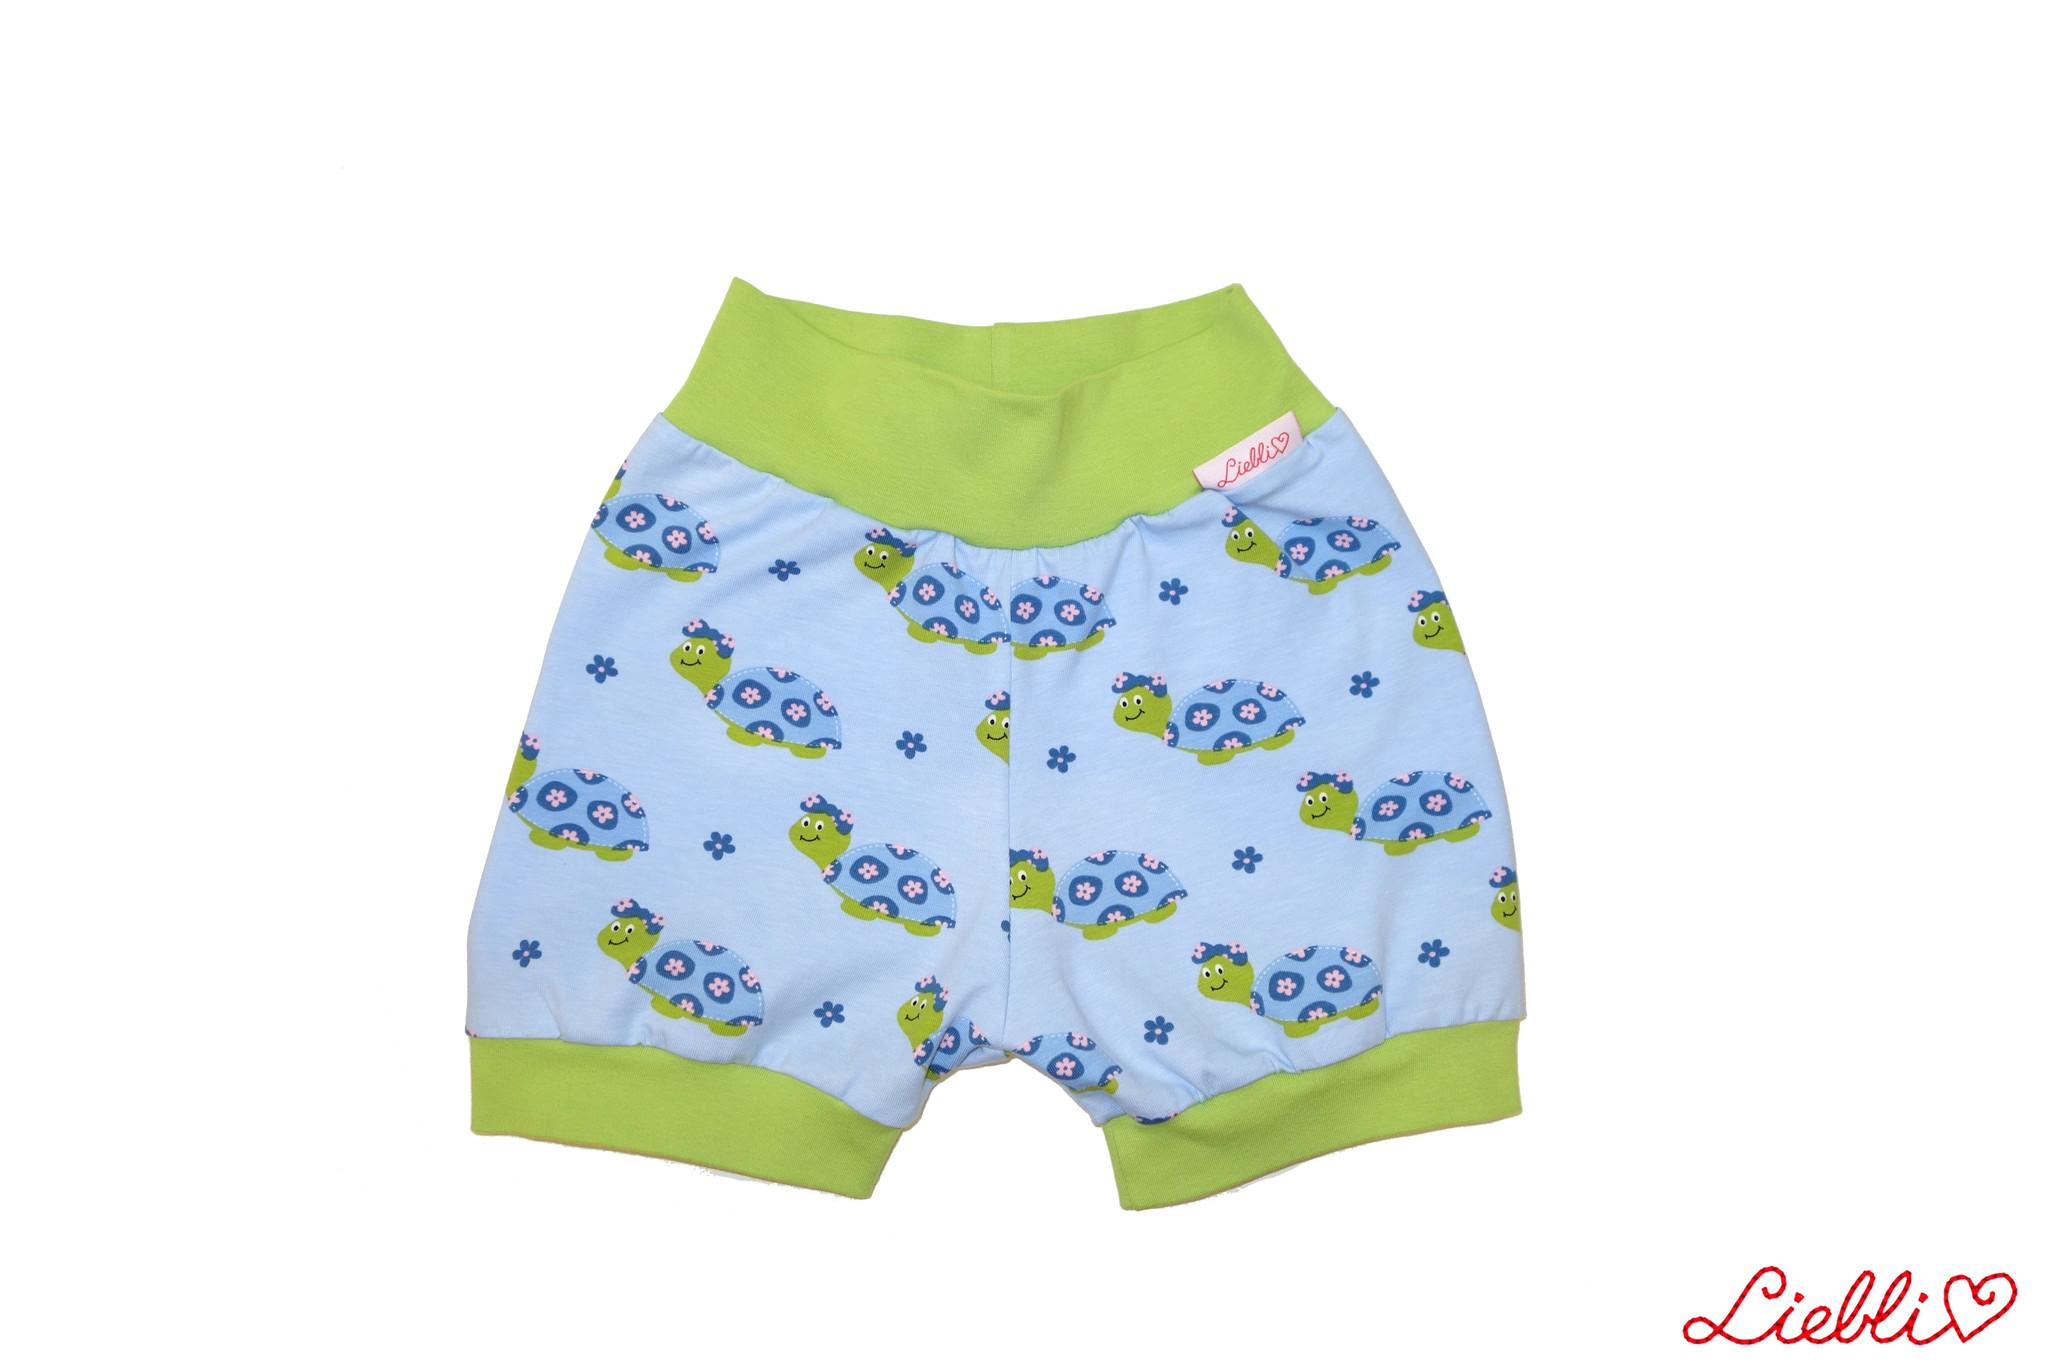 Bunter Short, Schildkröten auf hellblau